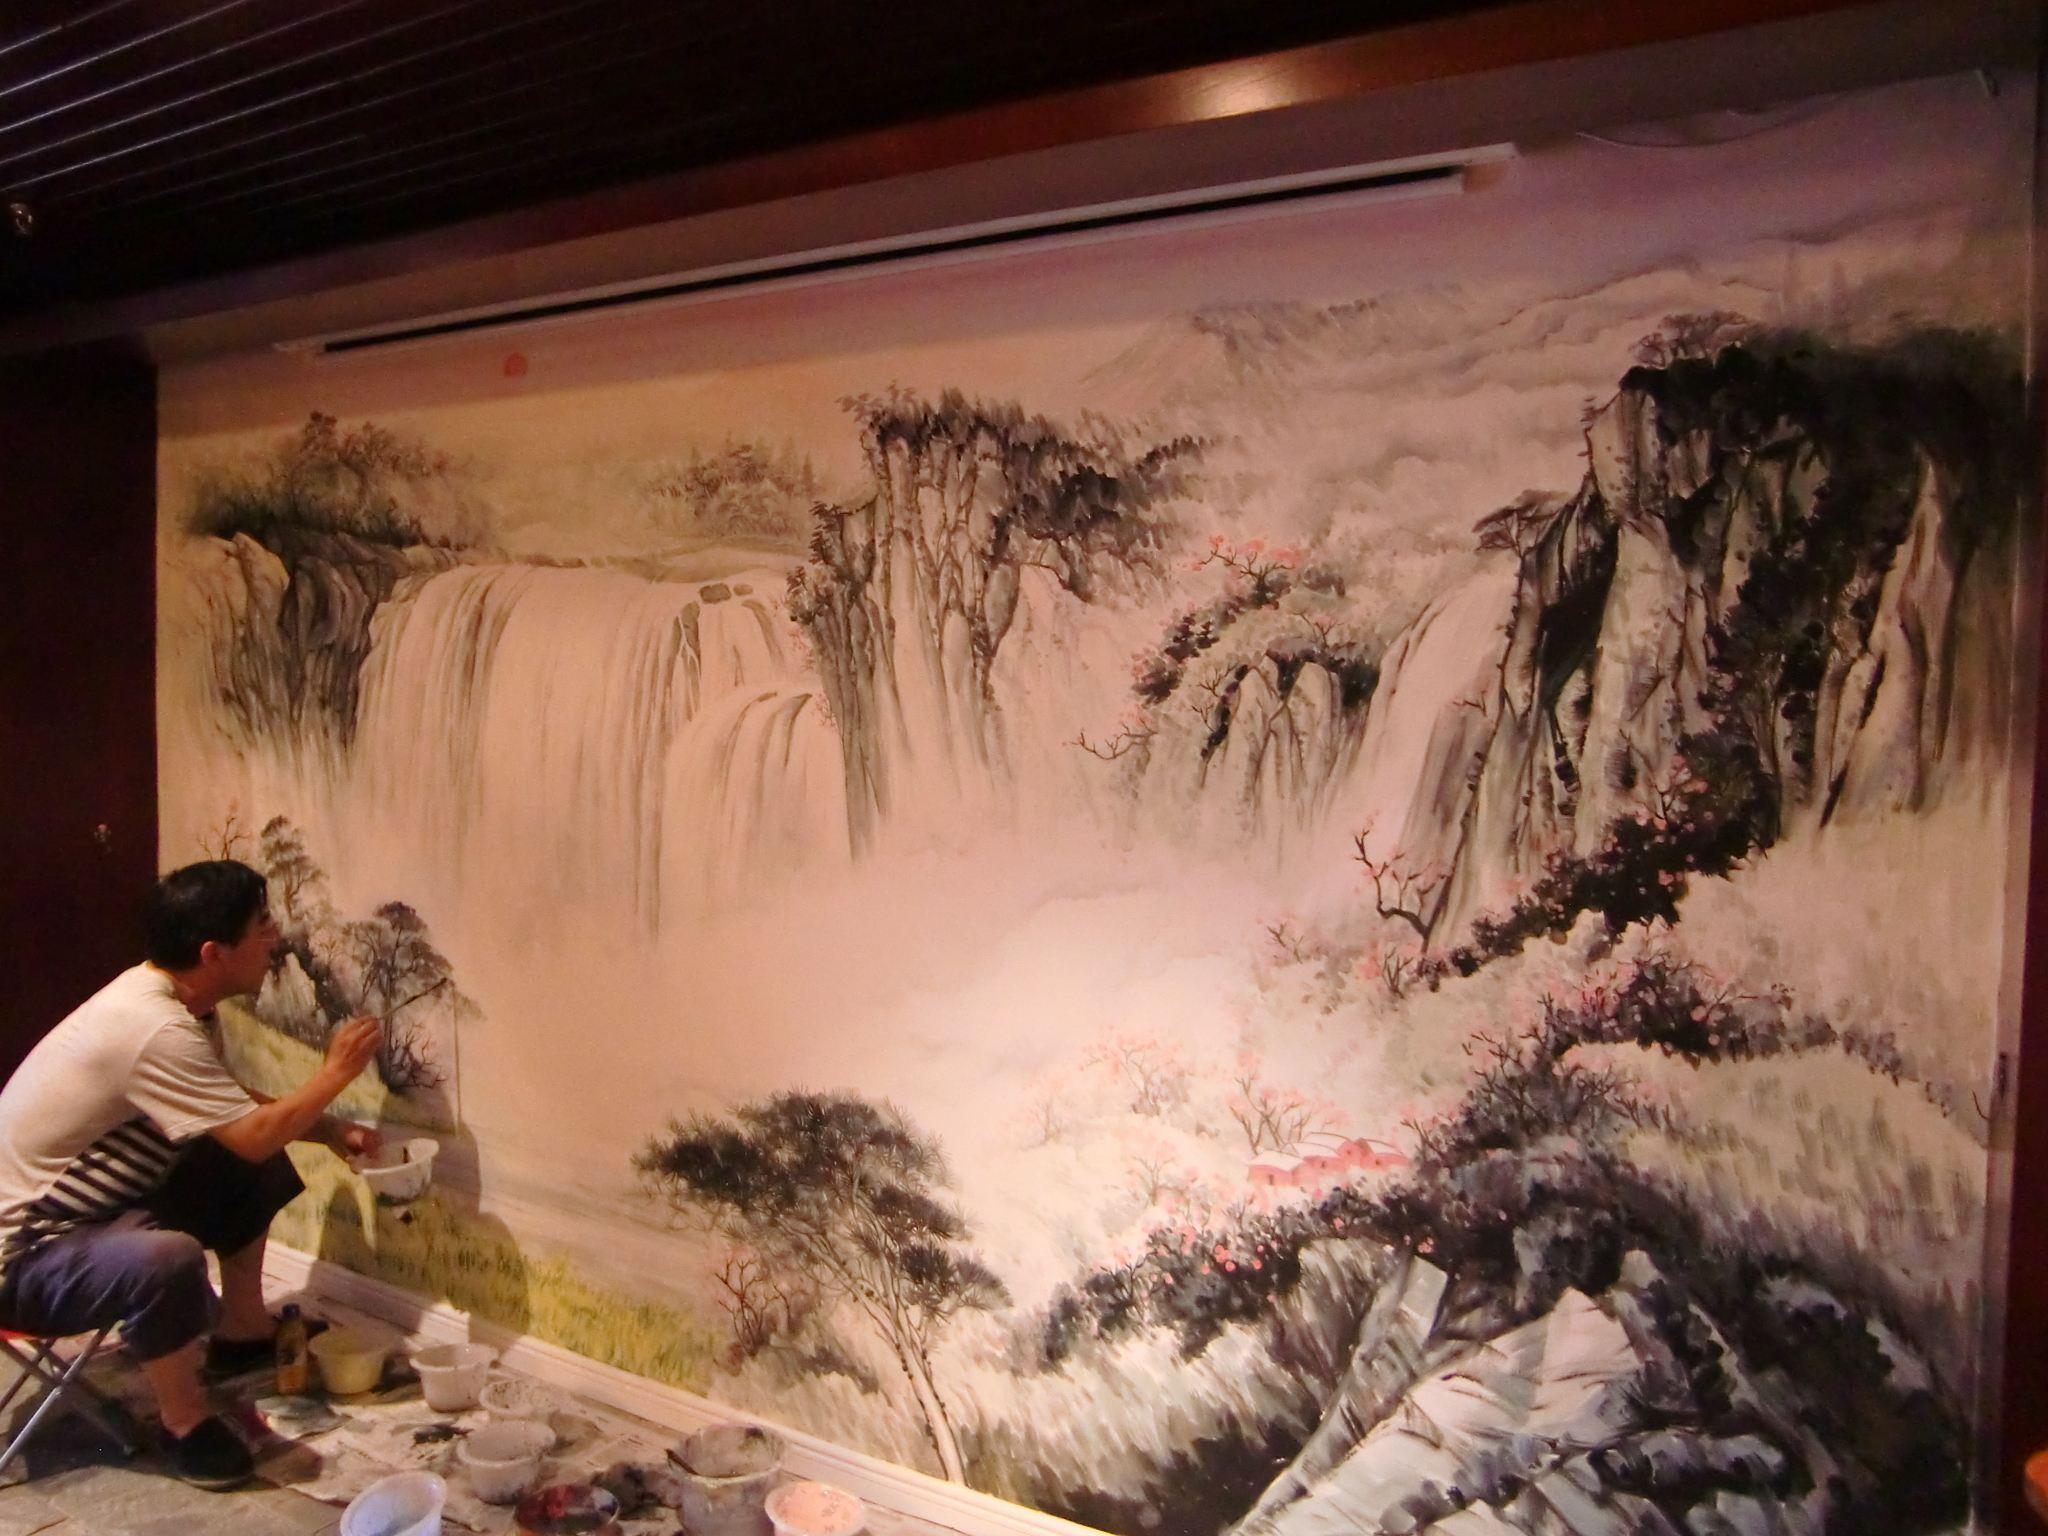 上饶喷绘墙面,上饶墙面喷绘,上饶涂鸦壁画,上饶幼儿园彩绘墙画